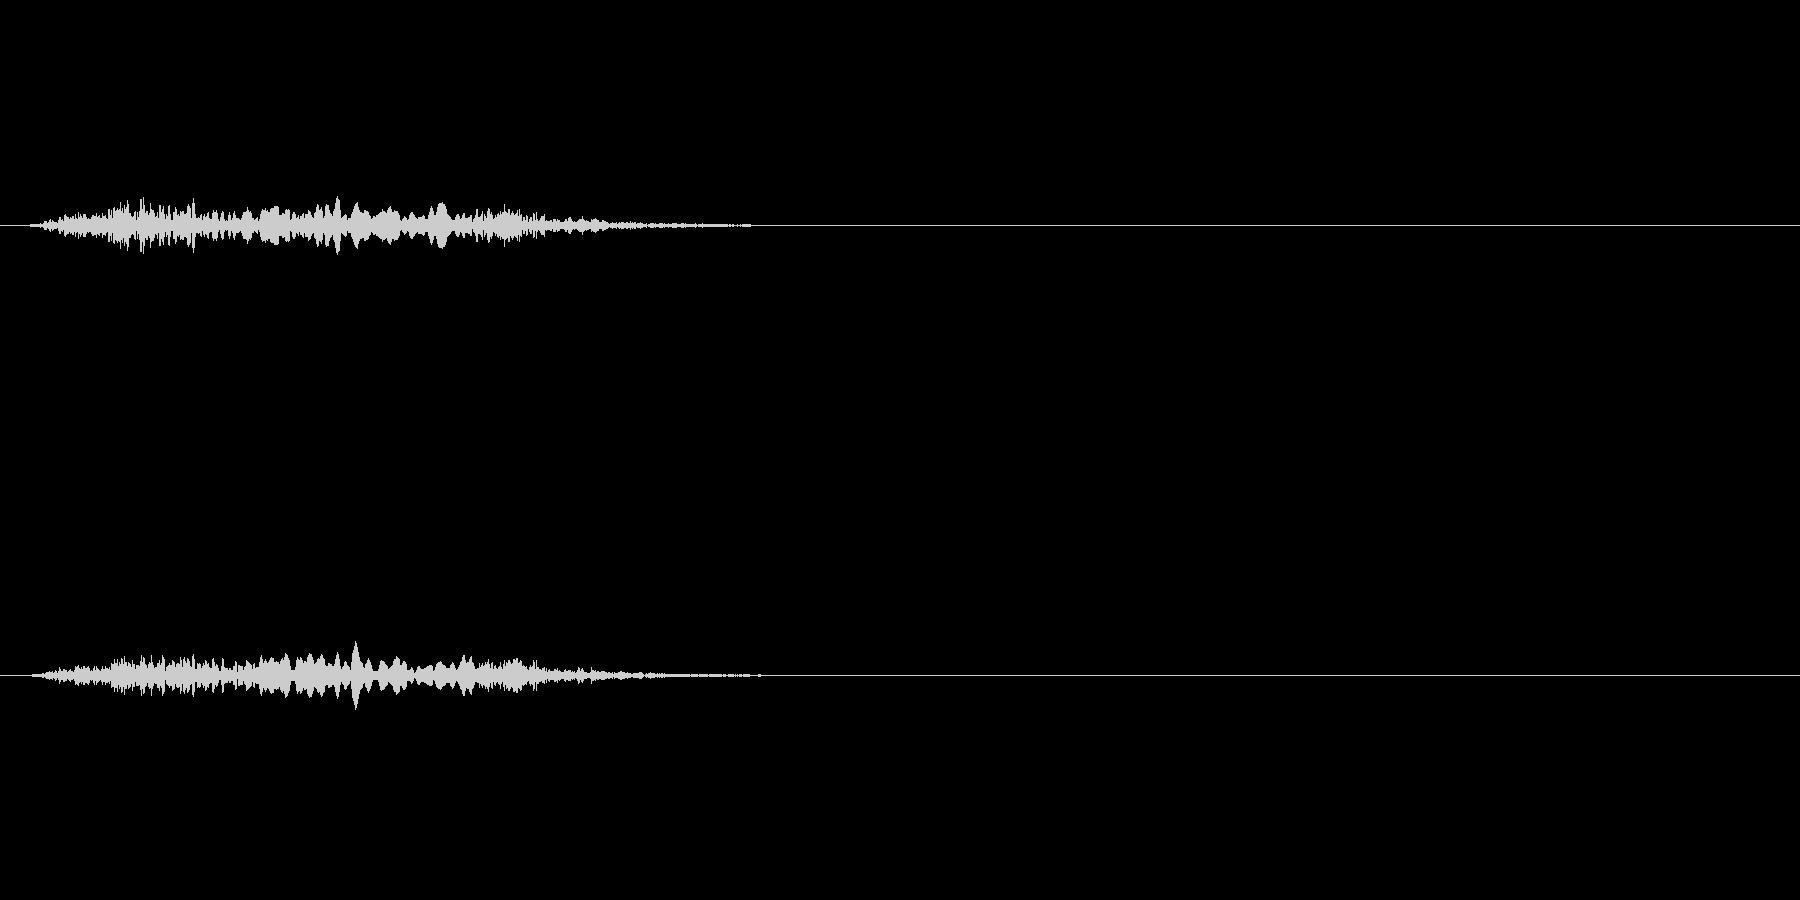 【絶叫 女性01-2】の未再生の波形